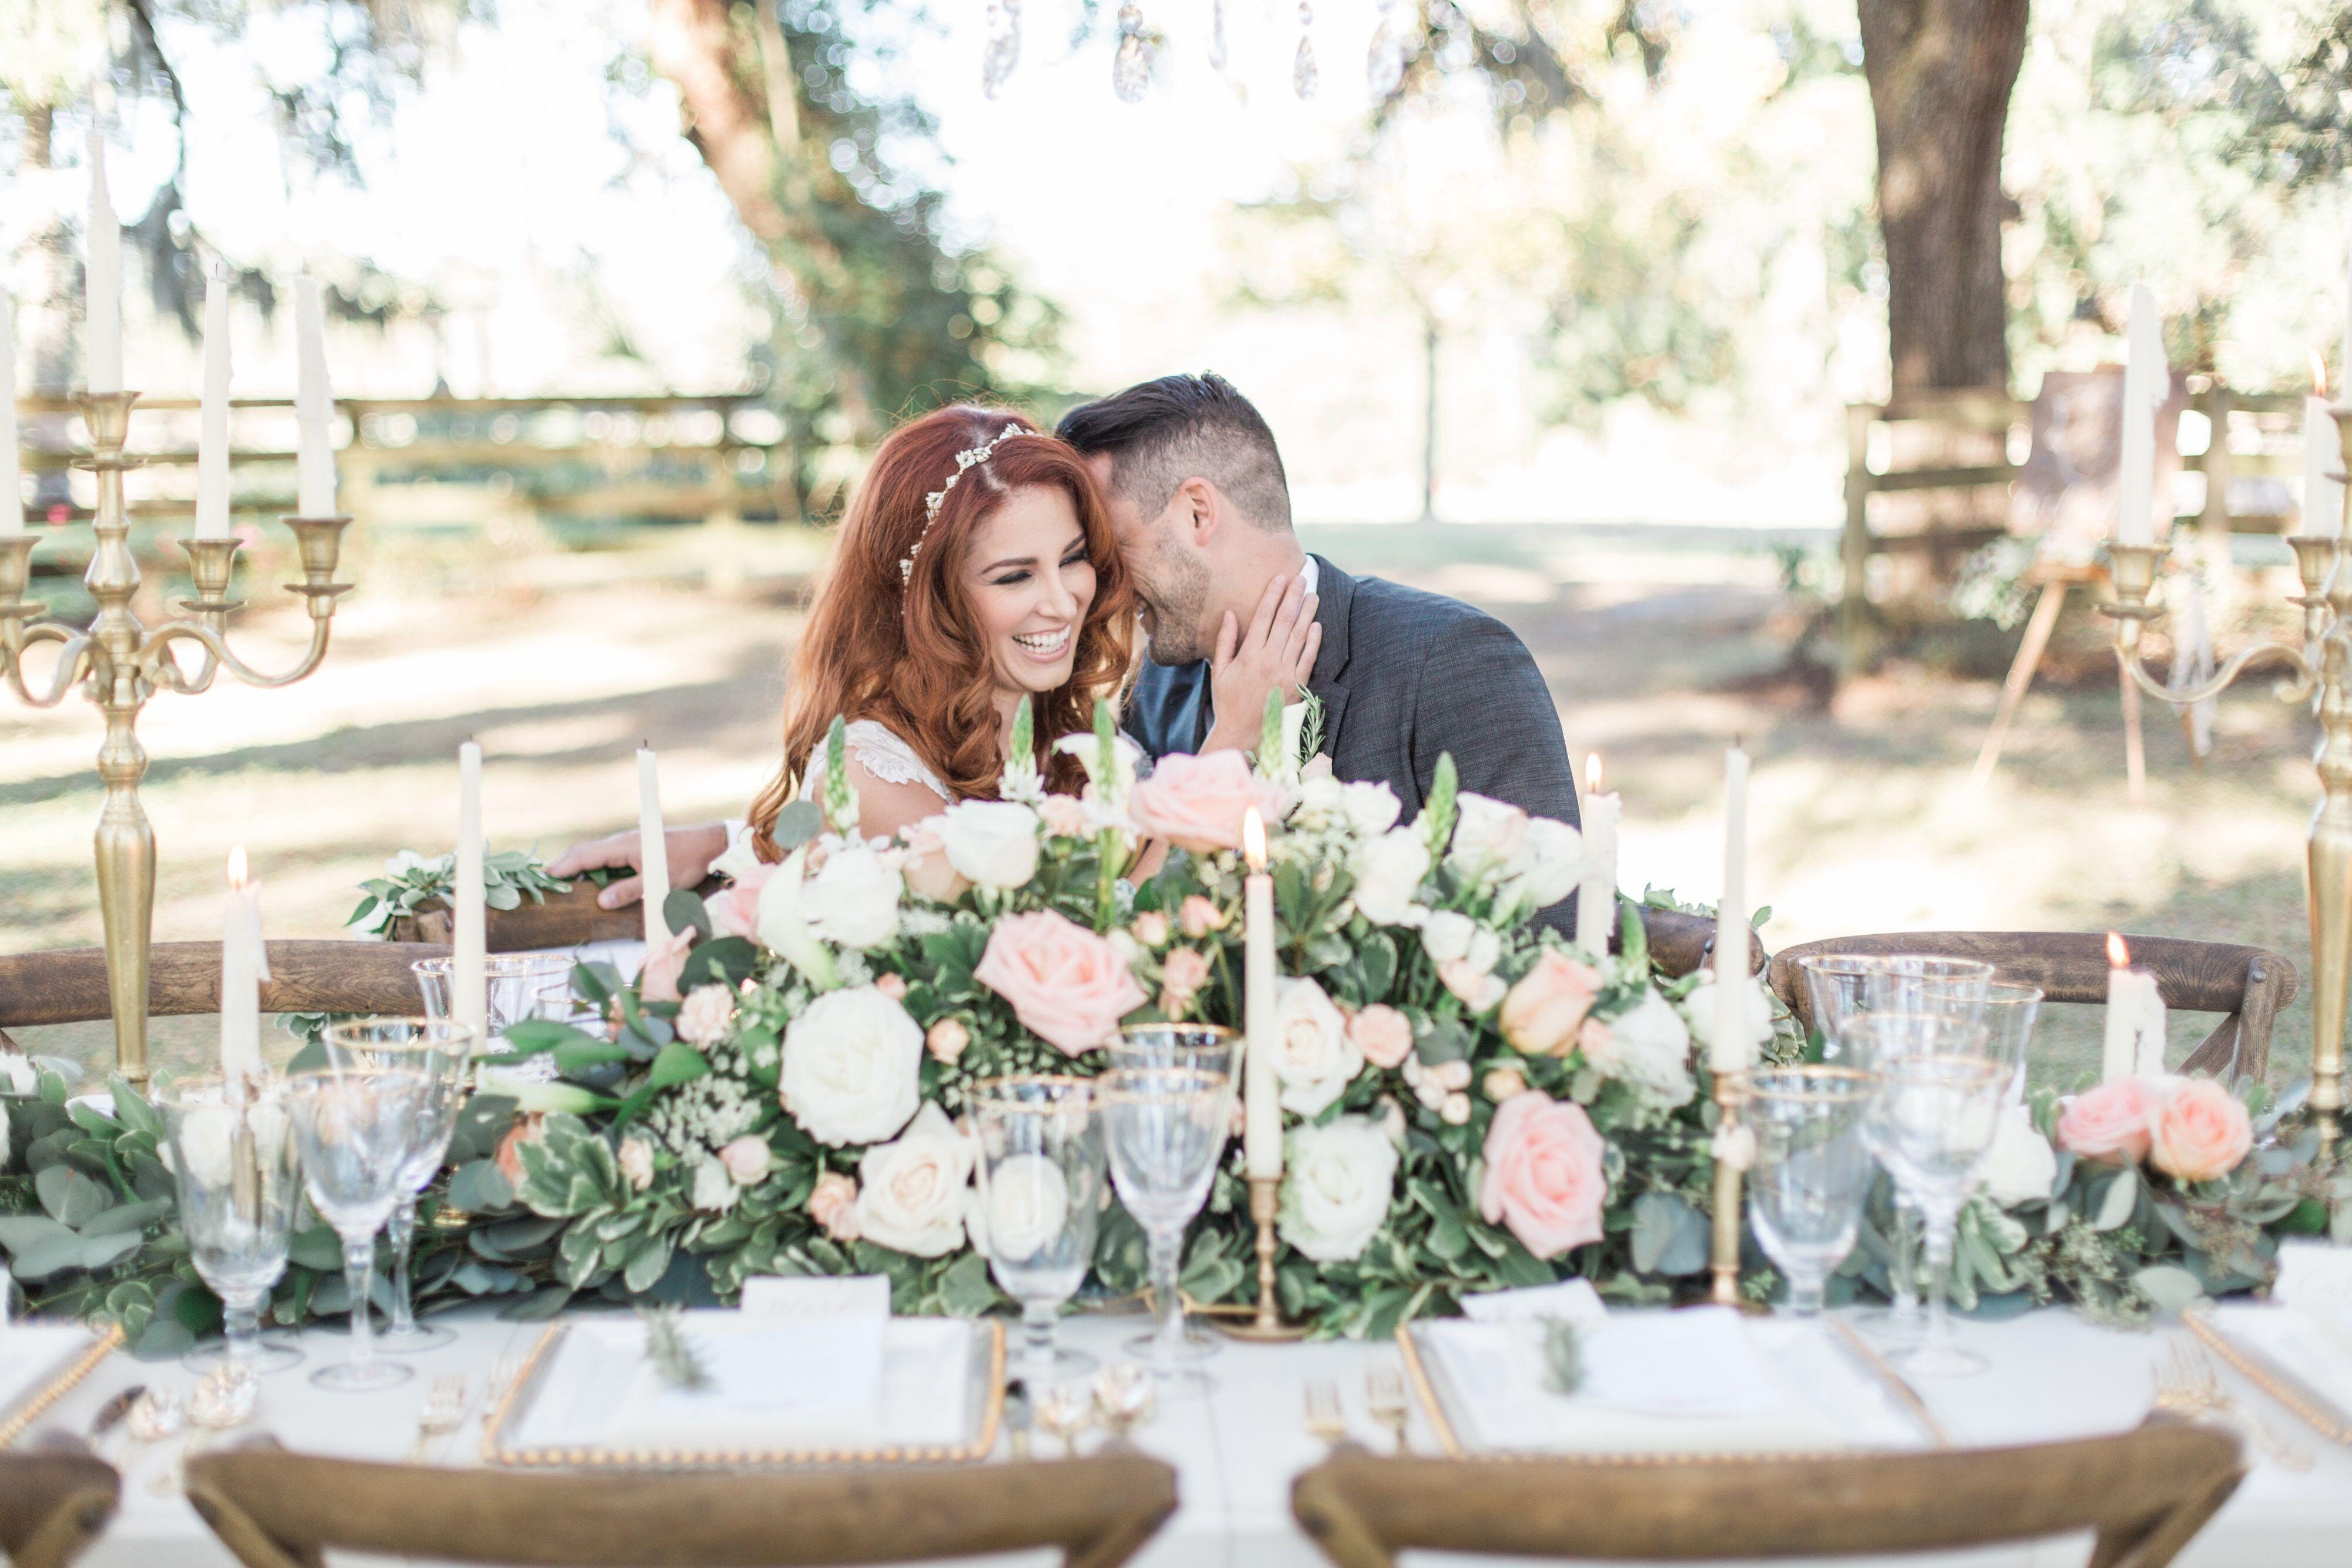 Wedding Invitations Albuquerque: Wedding Planners - Albuquerque, NM